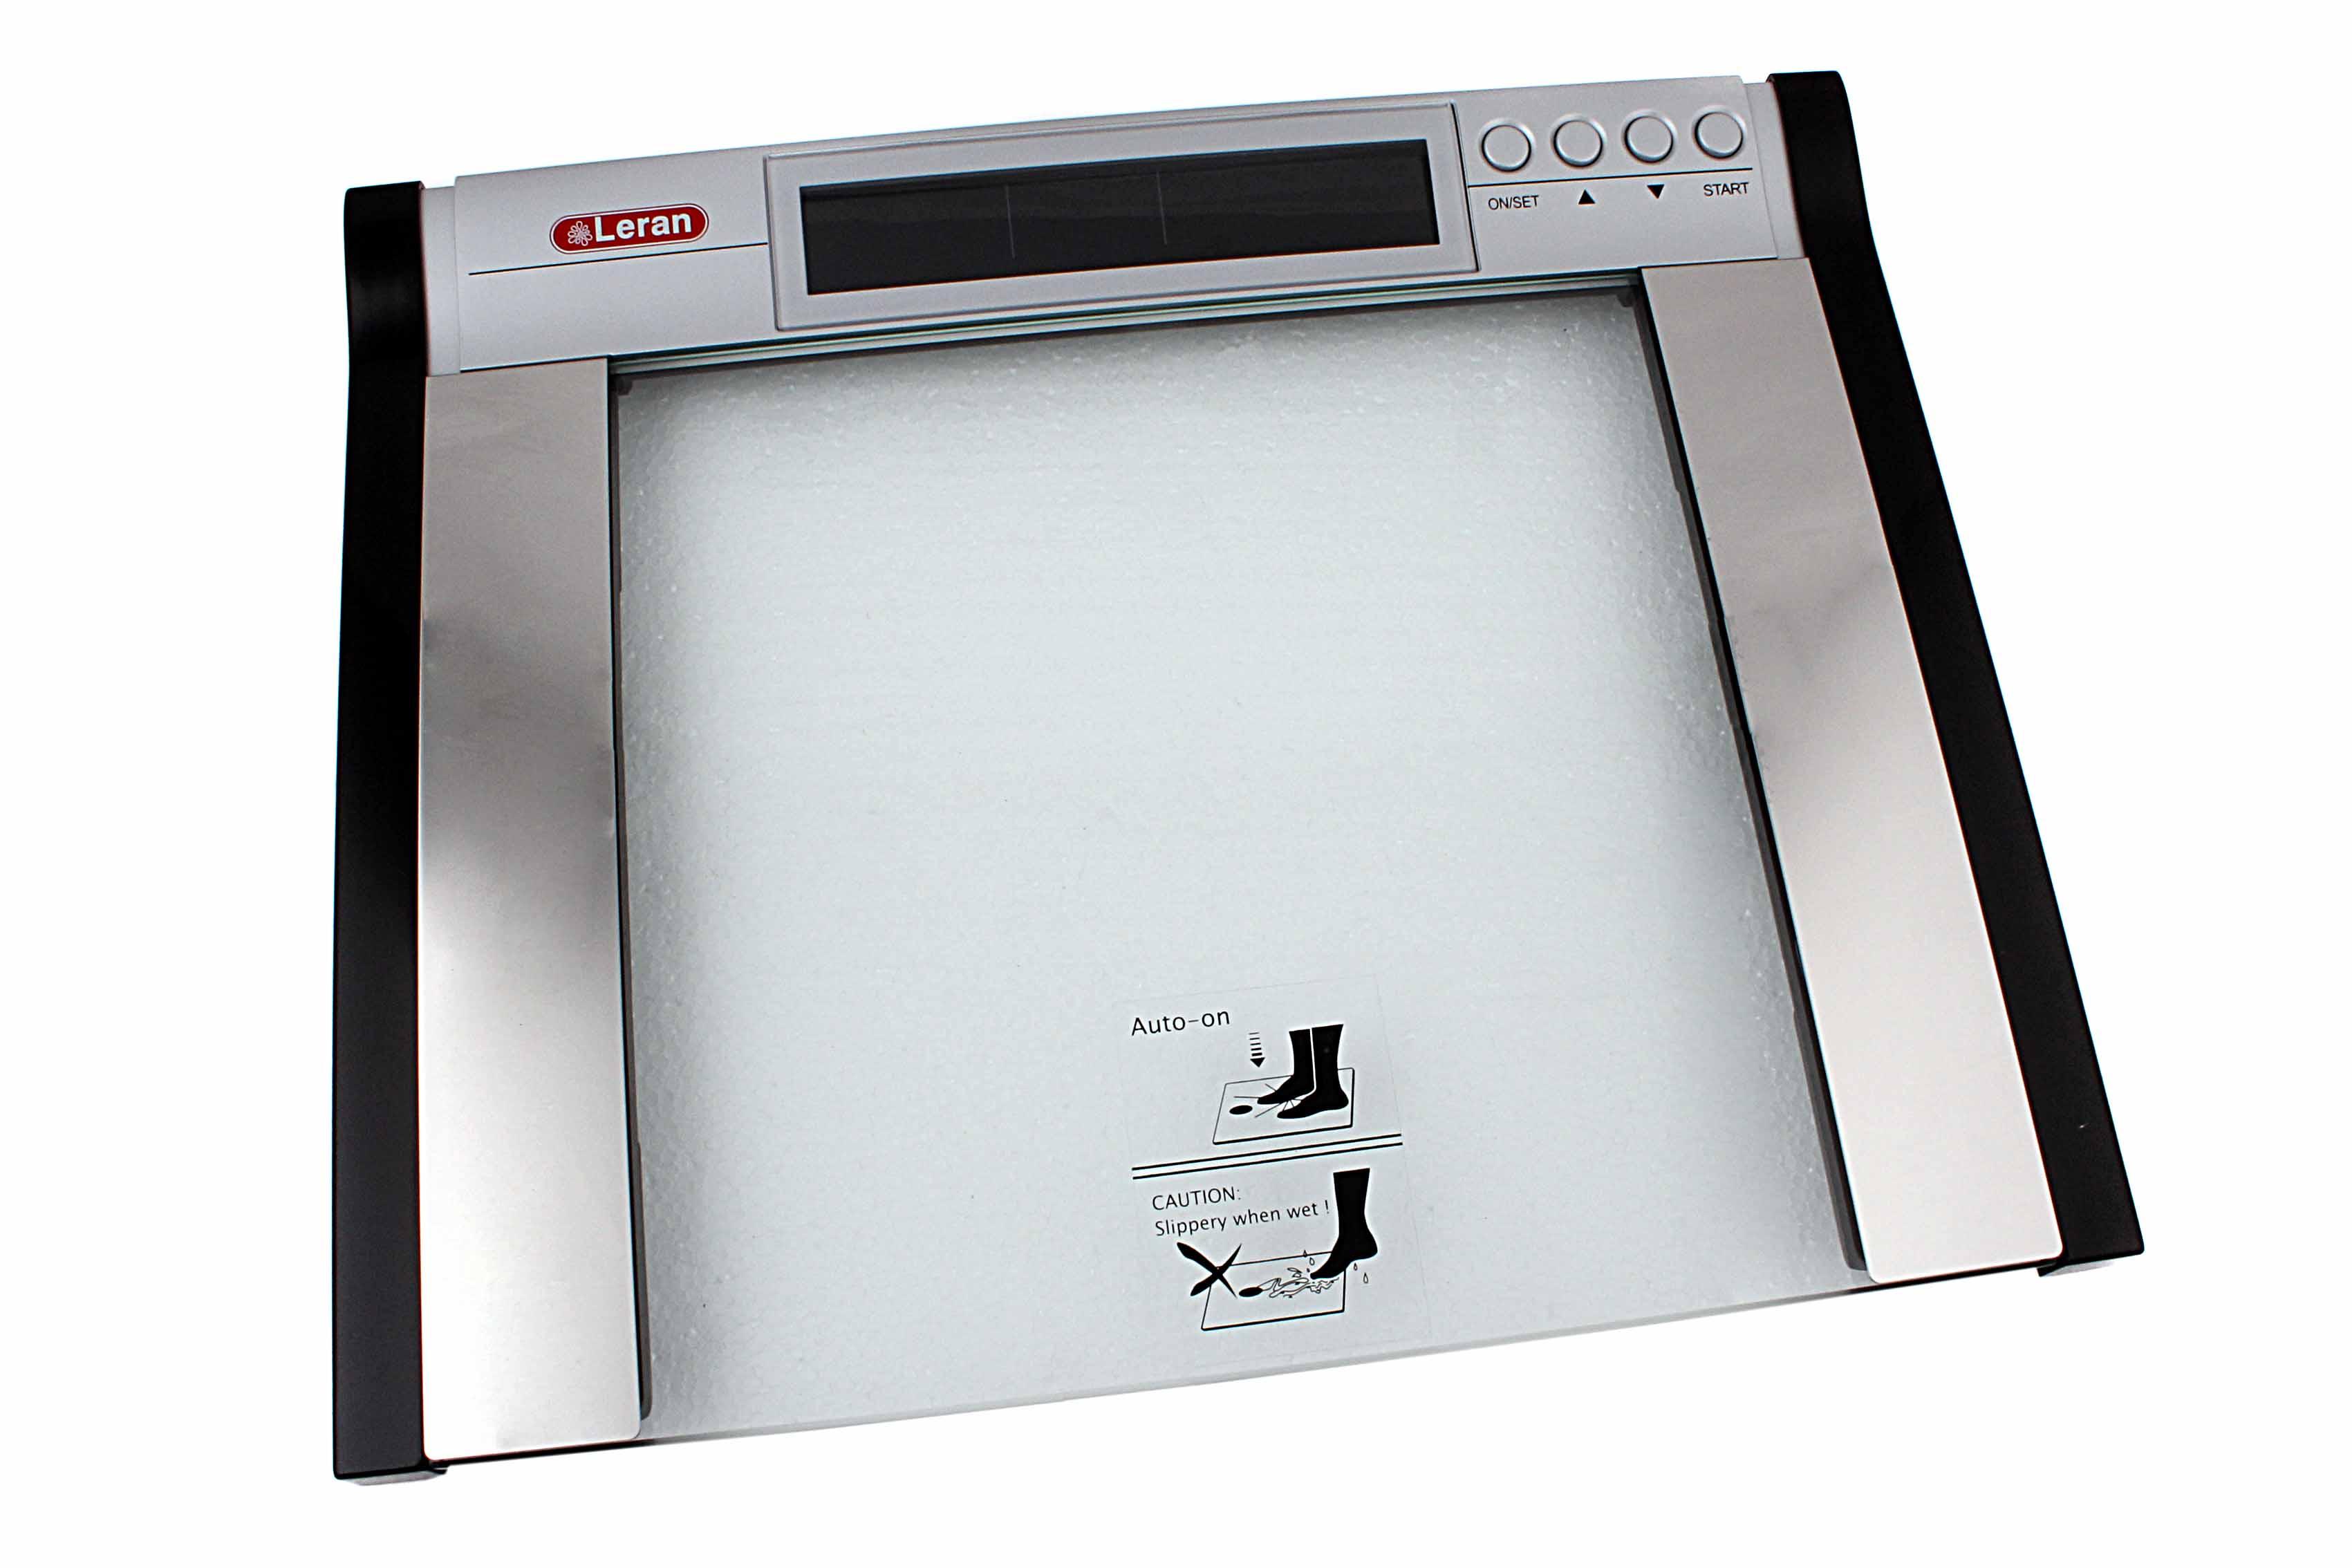 2 особенности прибора: показывает объем молока и воды две системы измерения веса: граммы, фунты две системы измерения объема: миллилитры, унции батарейки с низким потреблением энергии.